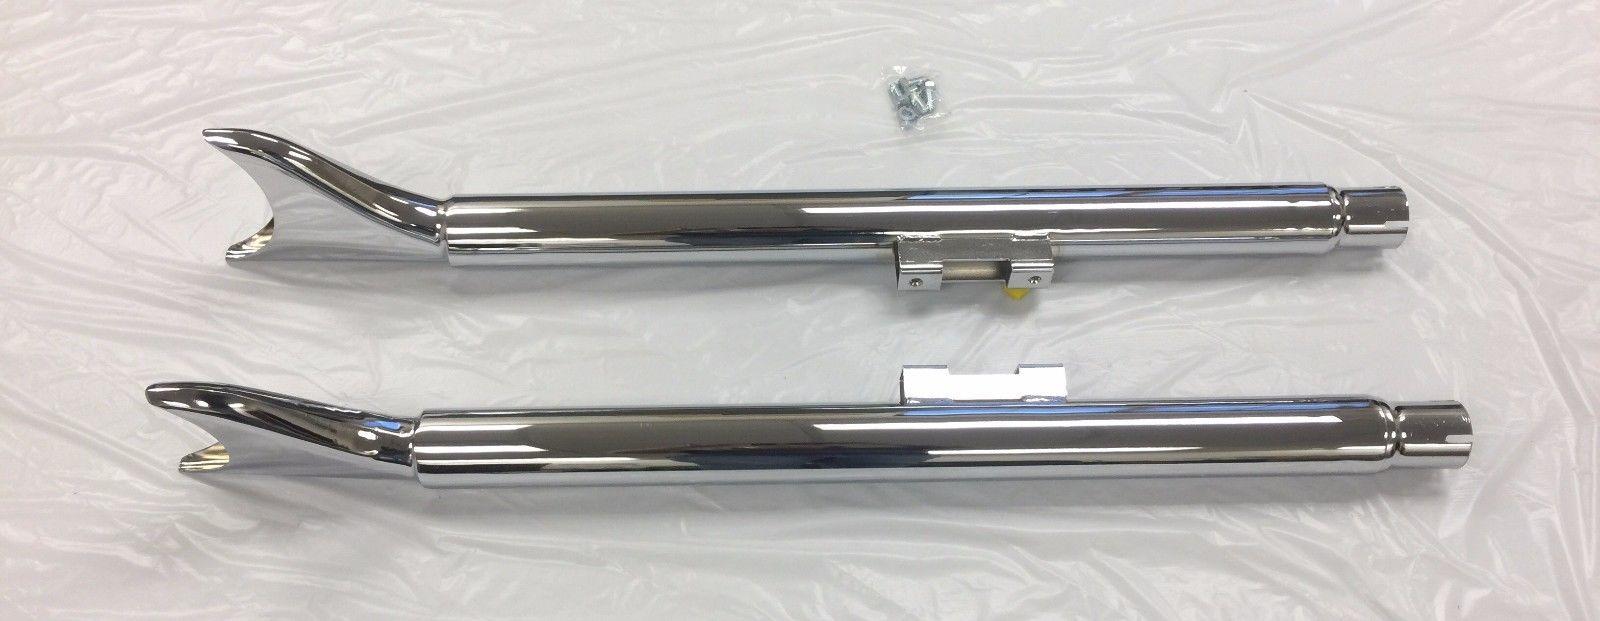 1 paire de pipes SAMSON cholo neuf 800164echappementsamsonn1